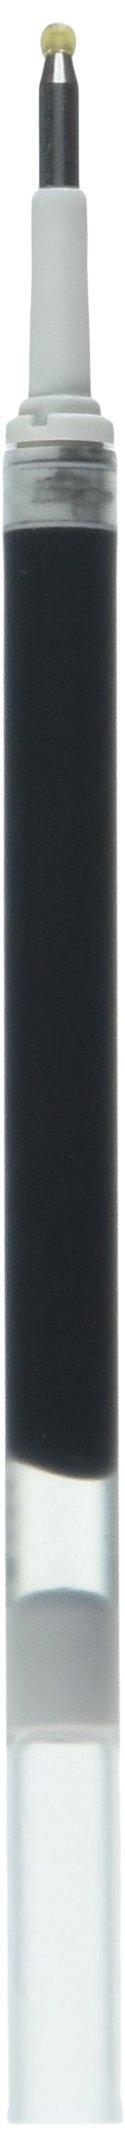 Recarga Tinta Pentel 0.7mm Negro (XKLR7-A)